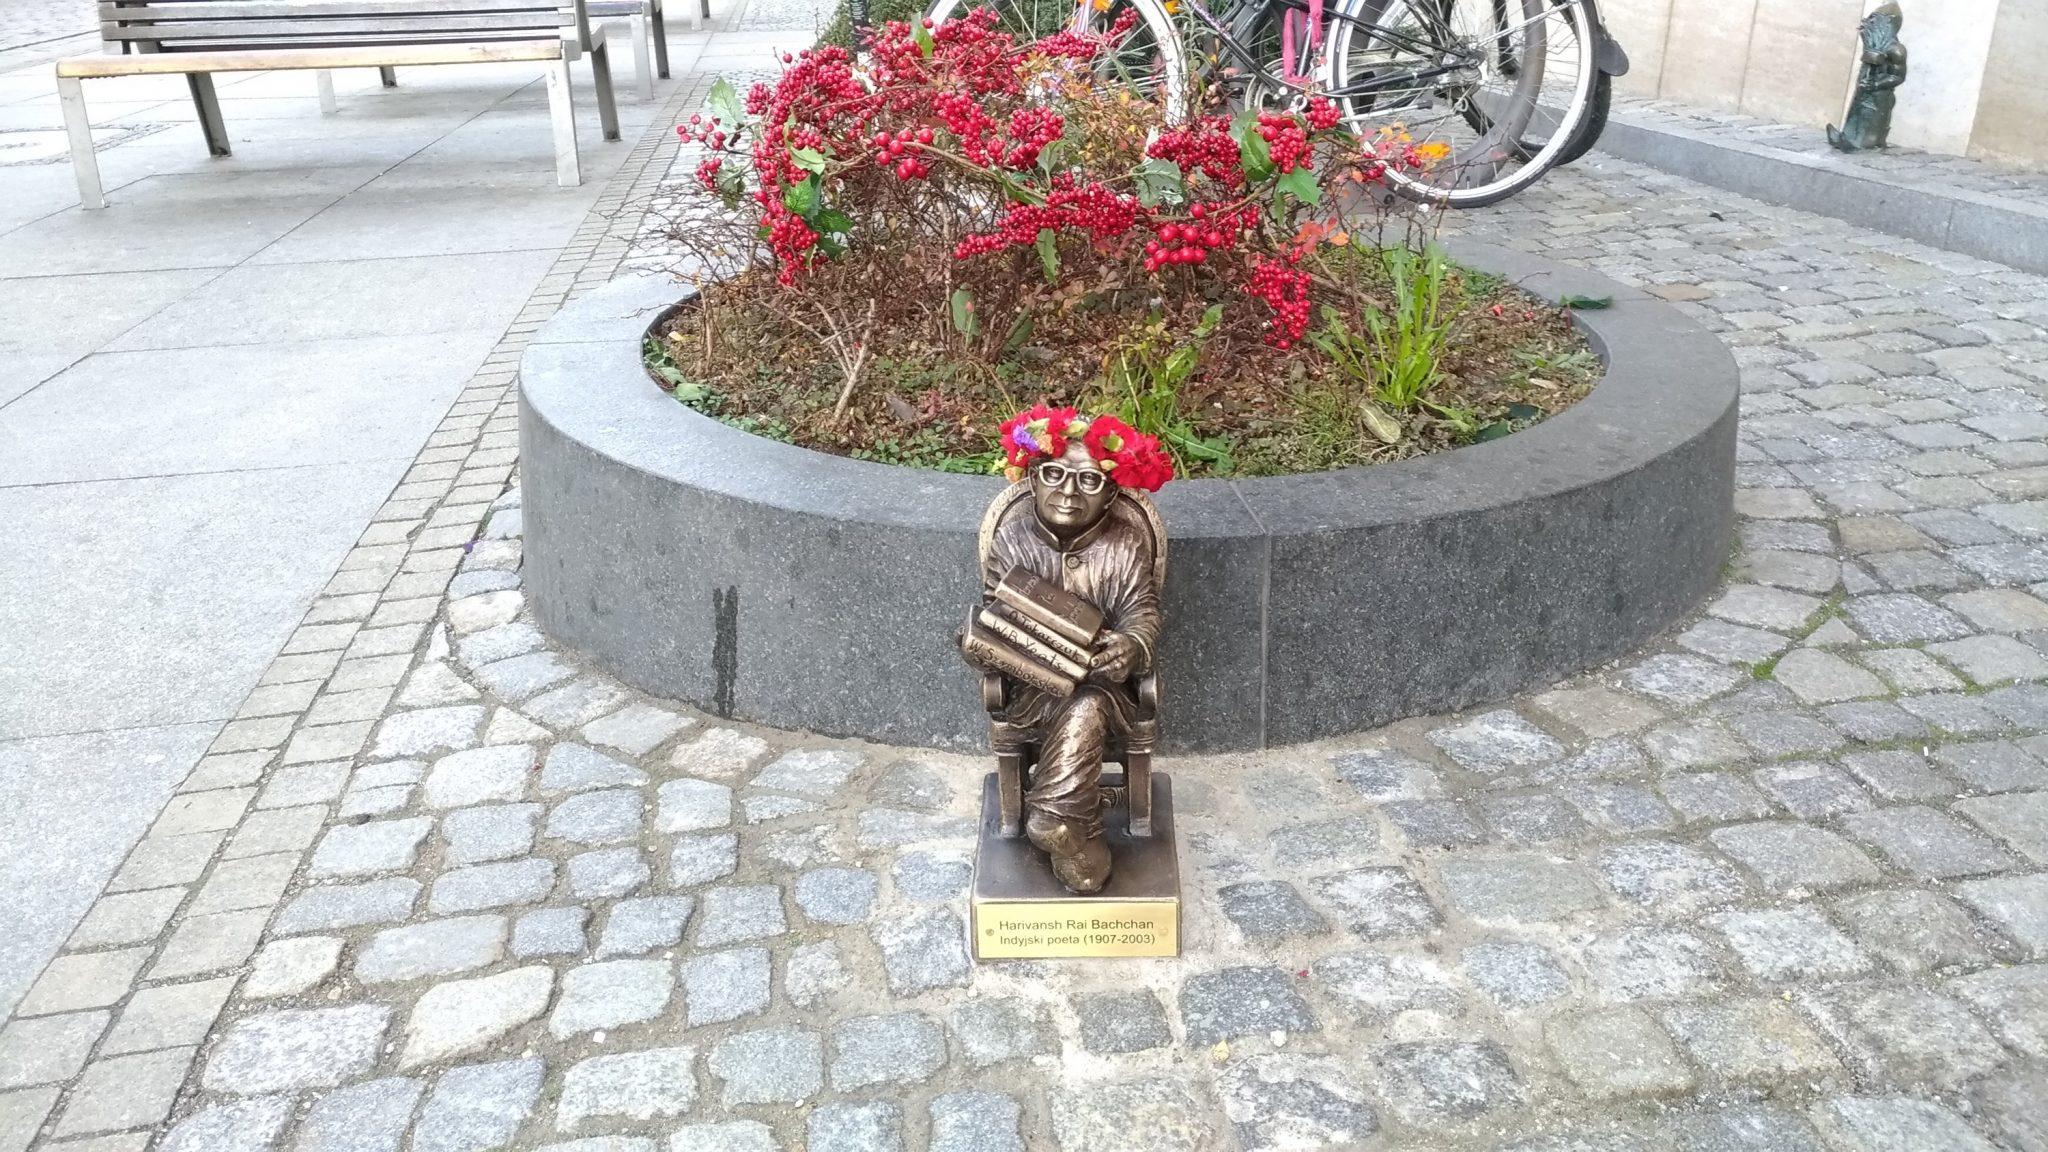 Wroclaw Gnome